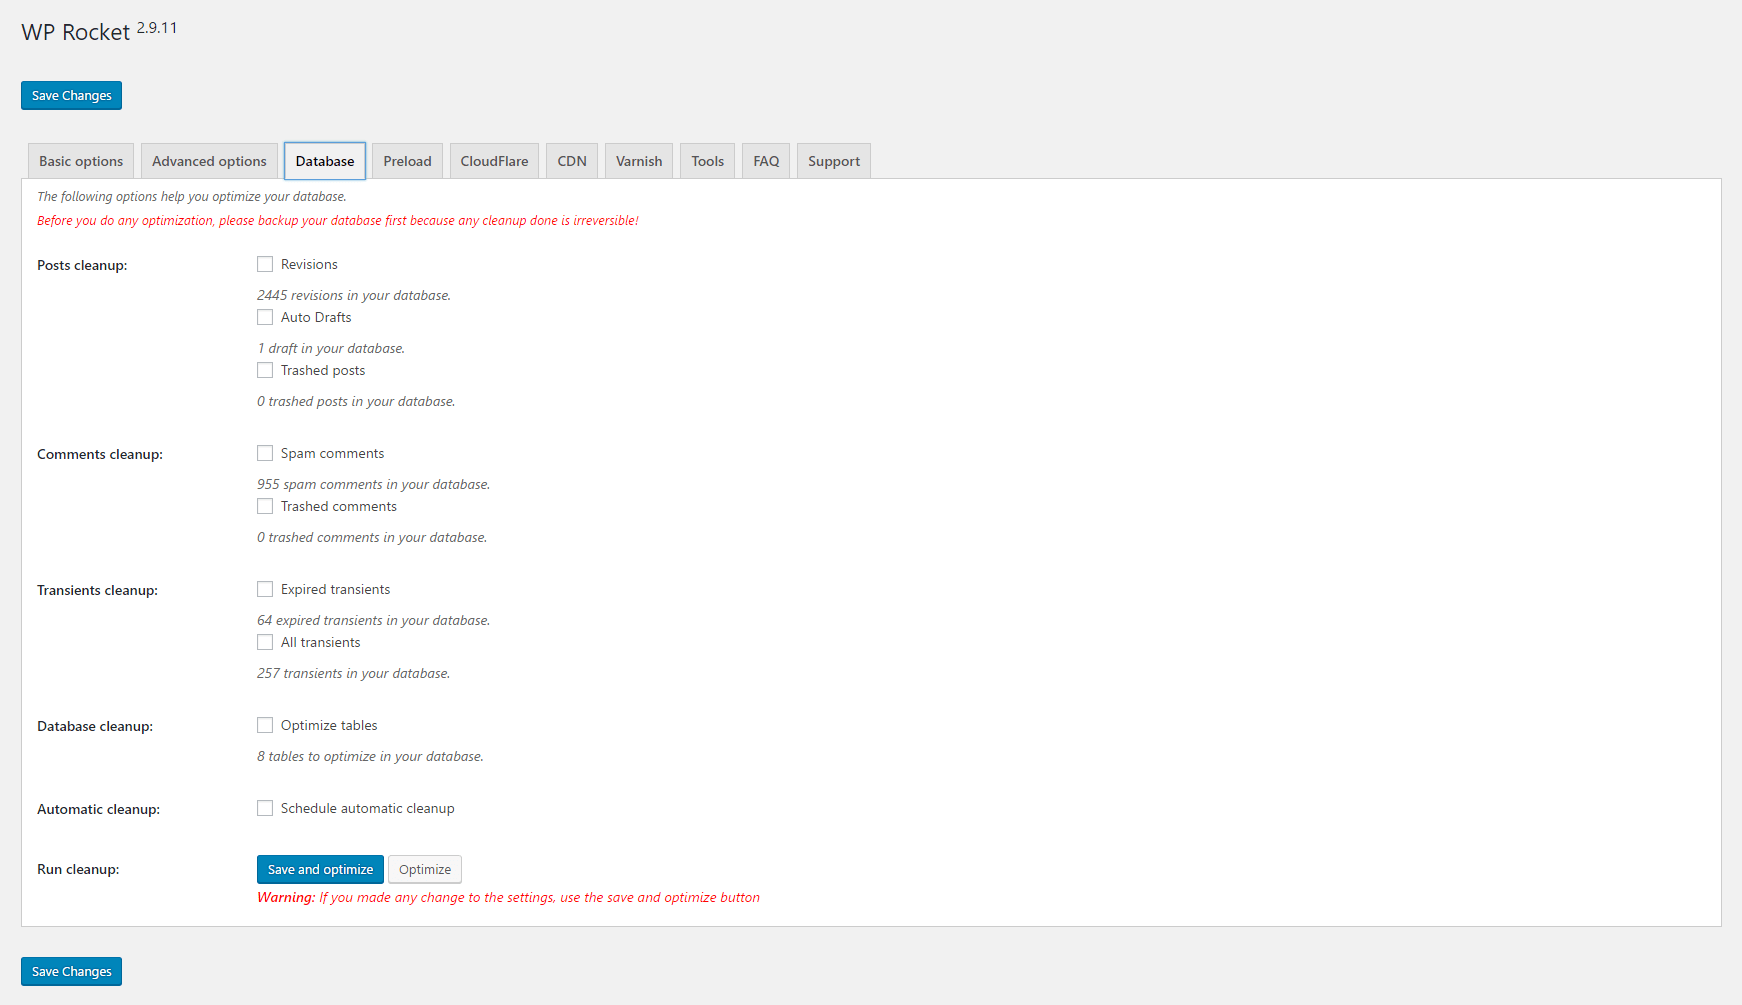 WP Rocket Database Options